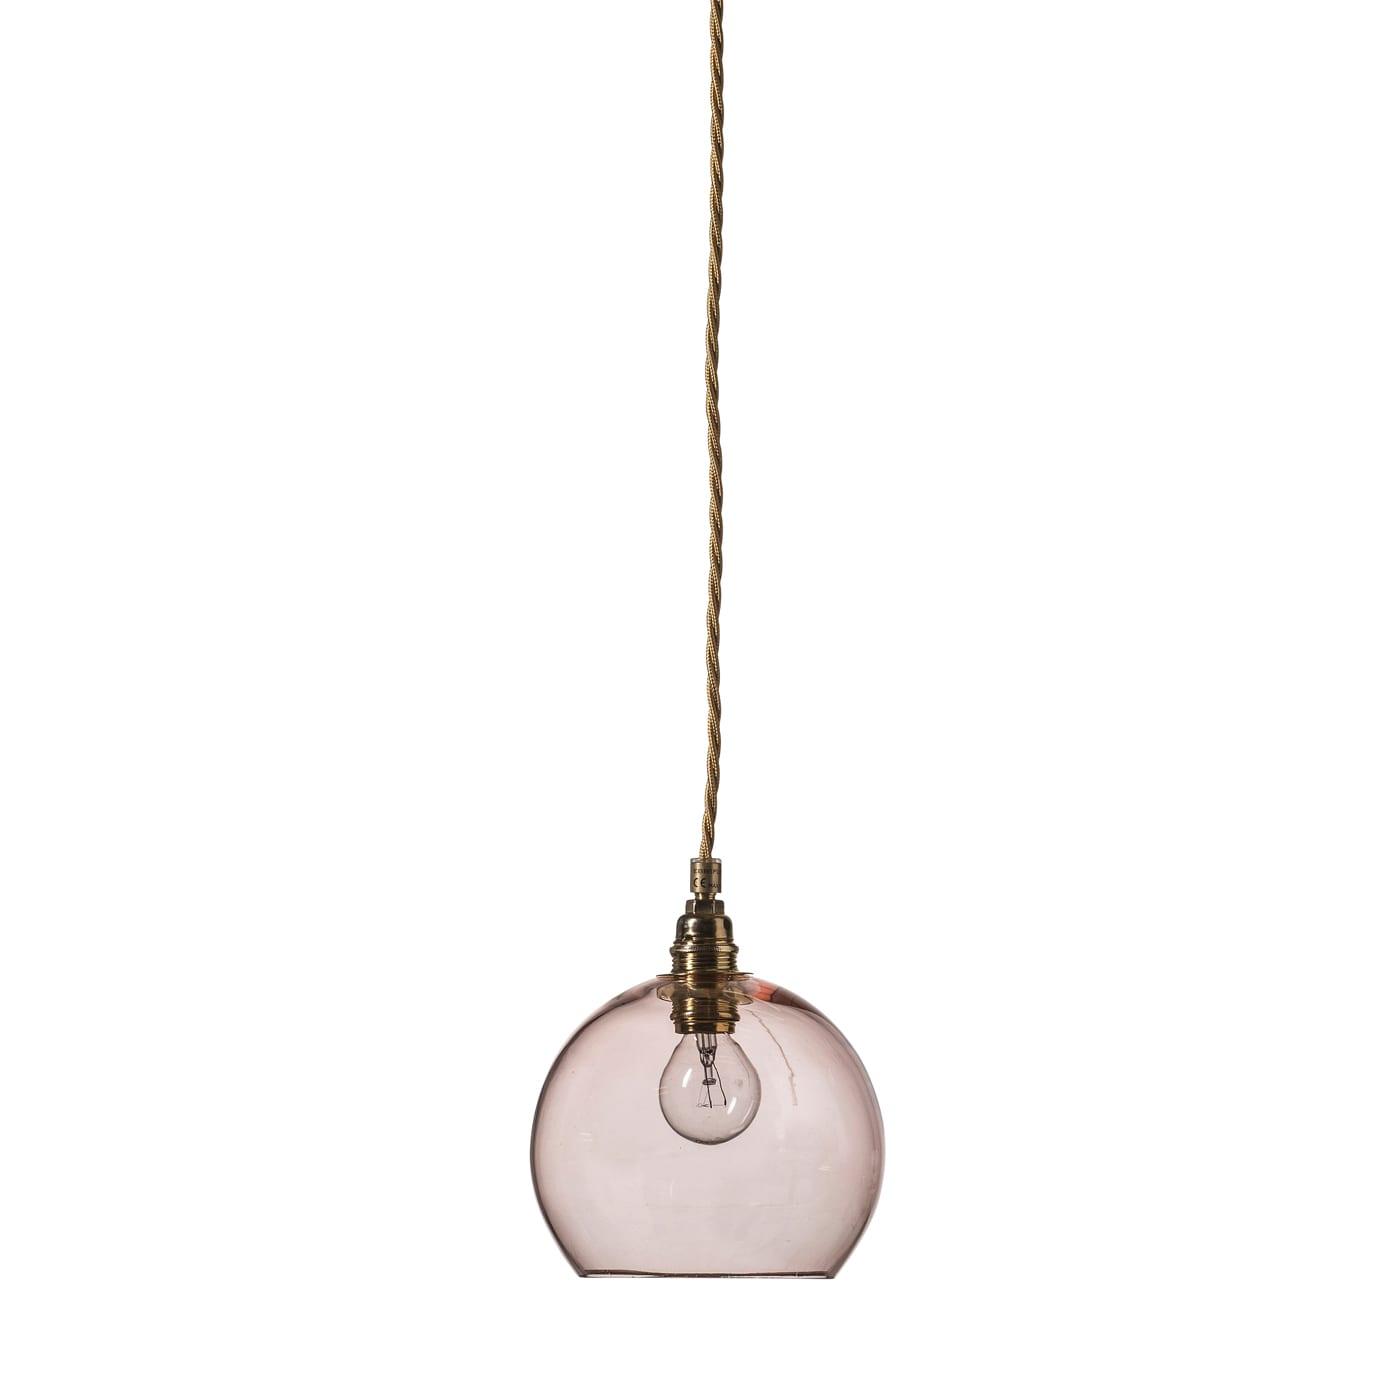 Rowan pendant lamp, bright coral, 15cm